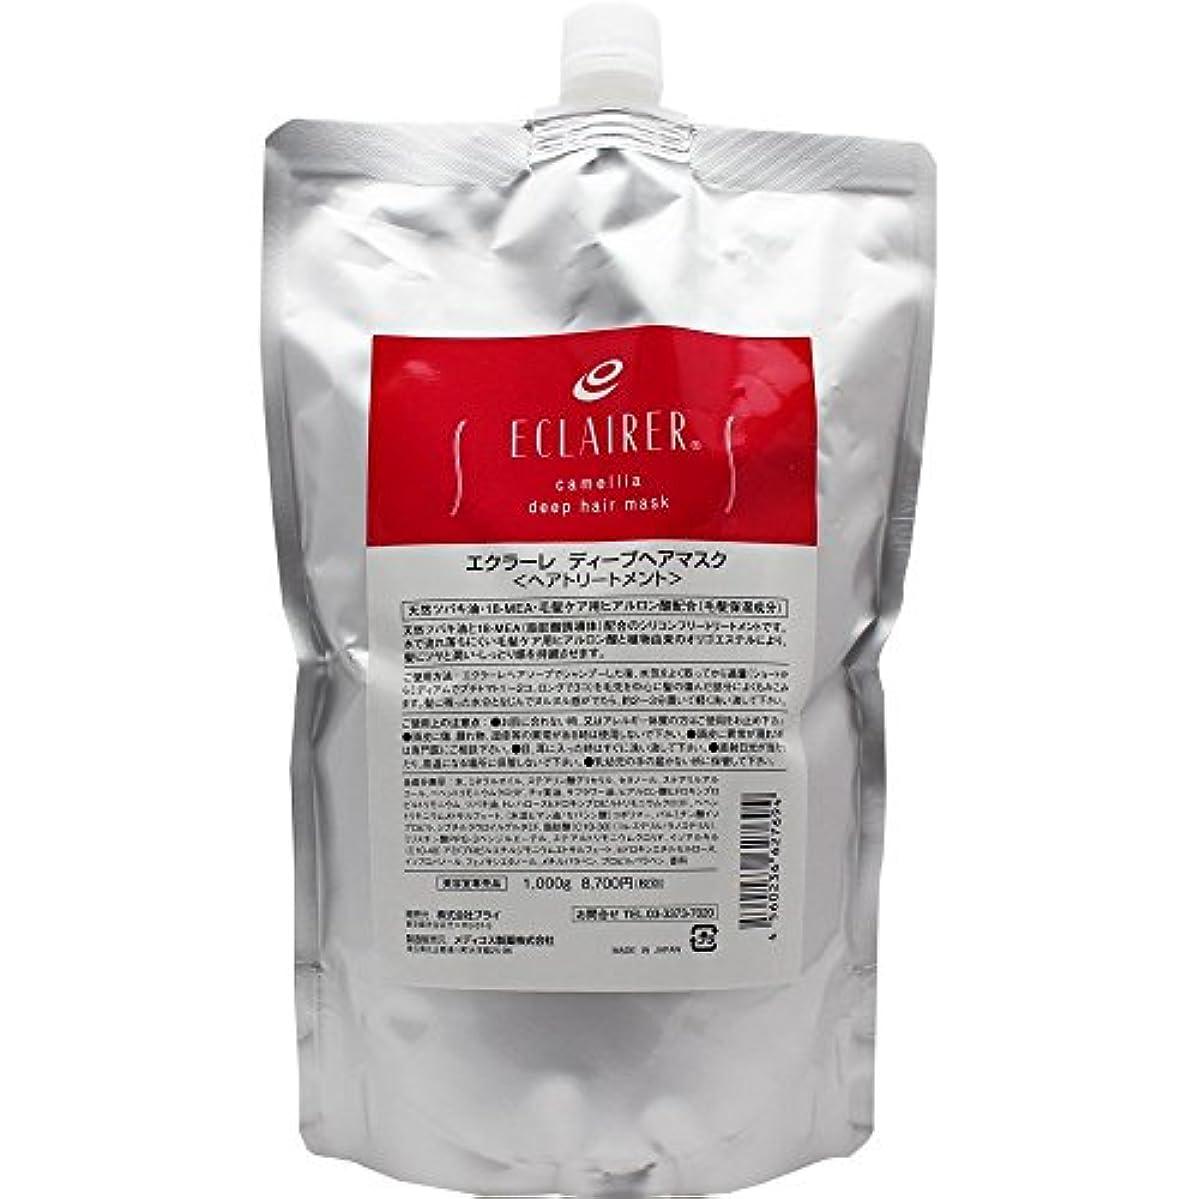 食事を調理する極貧リビングルームBRY(ブライ) エクラーレ ディープヘアマスク 詰替 1000g